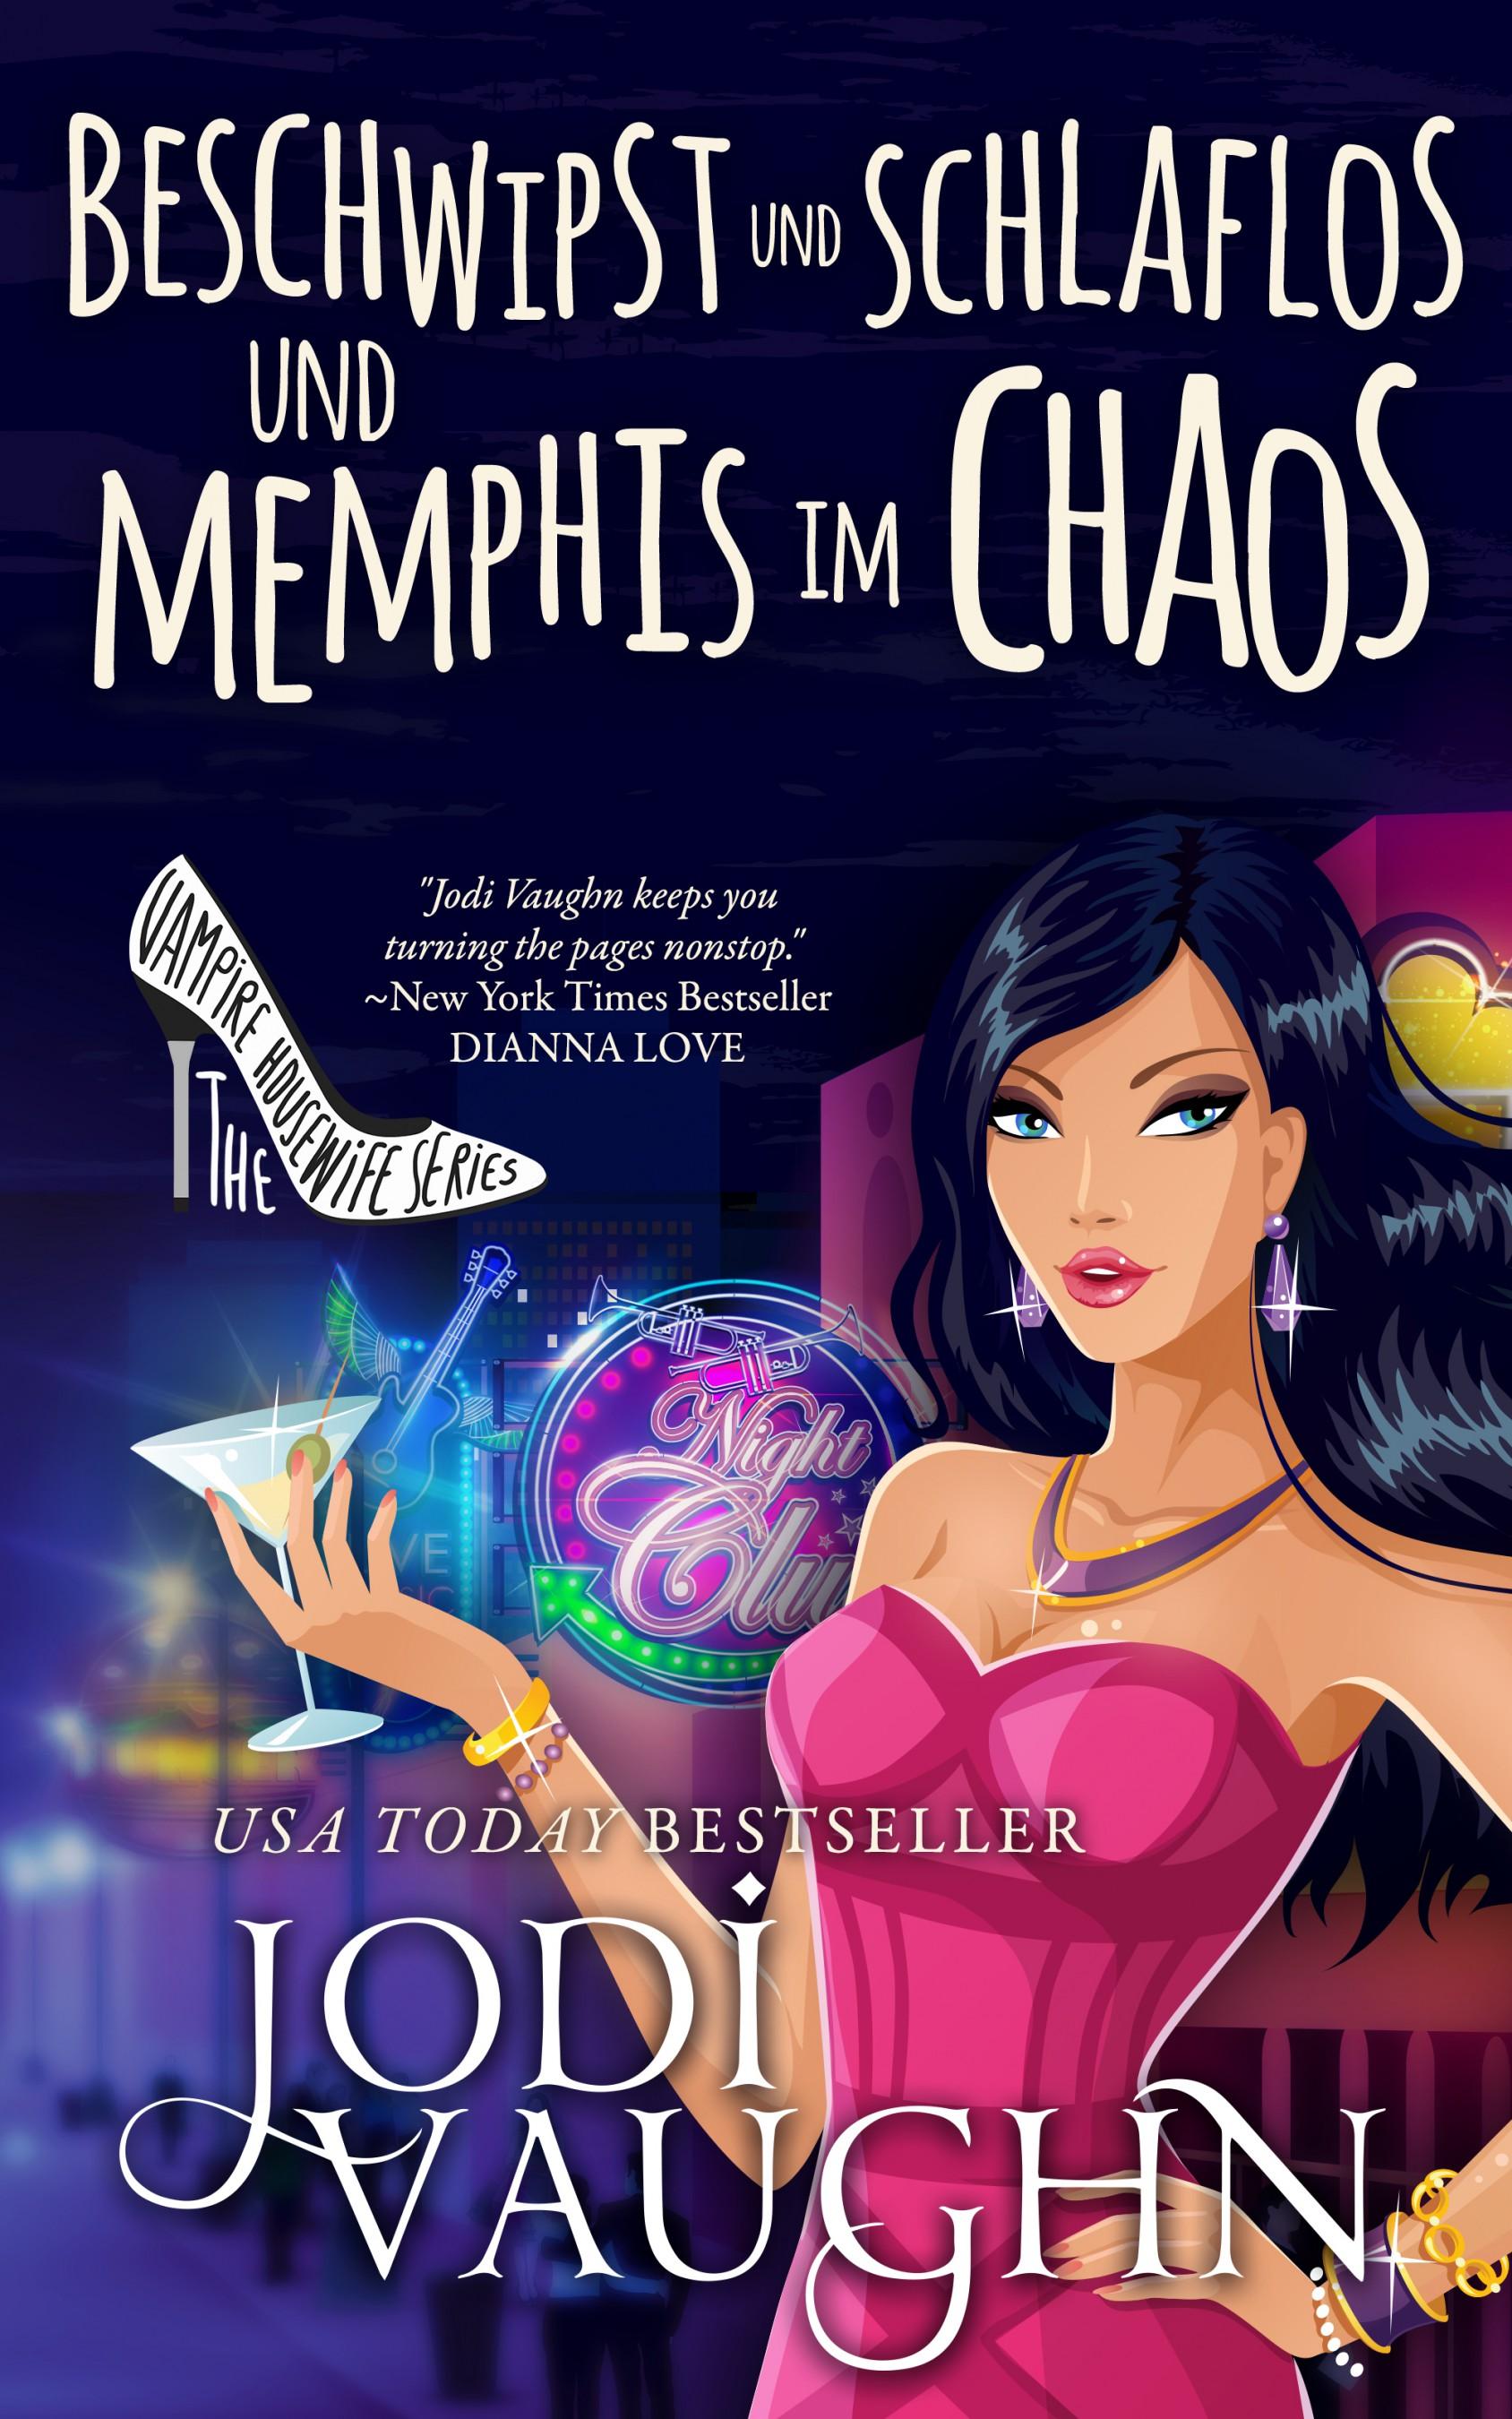 Beschwipst und schlaflos und Memphis im Chaos